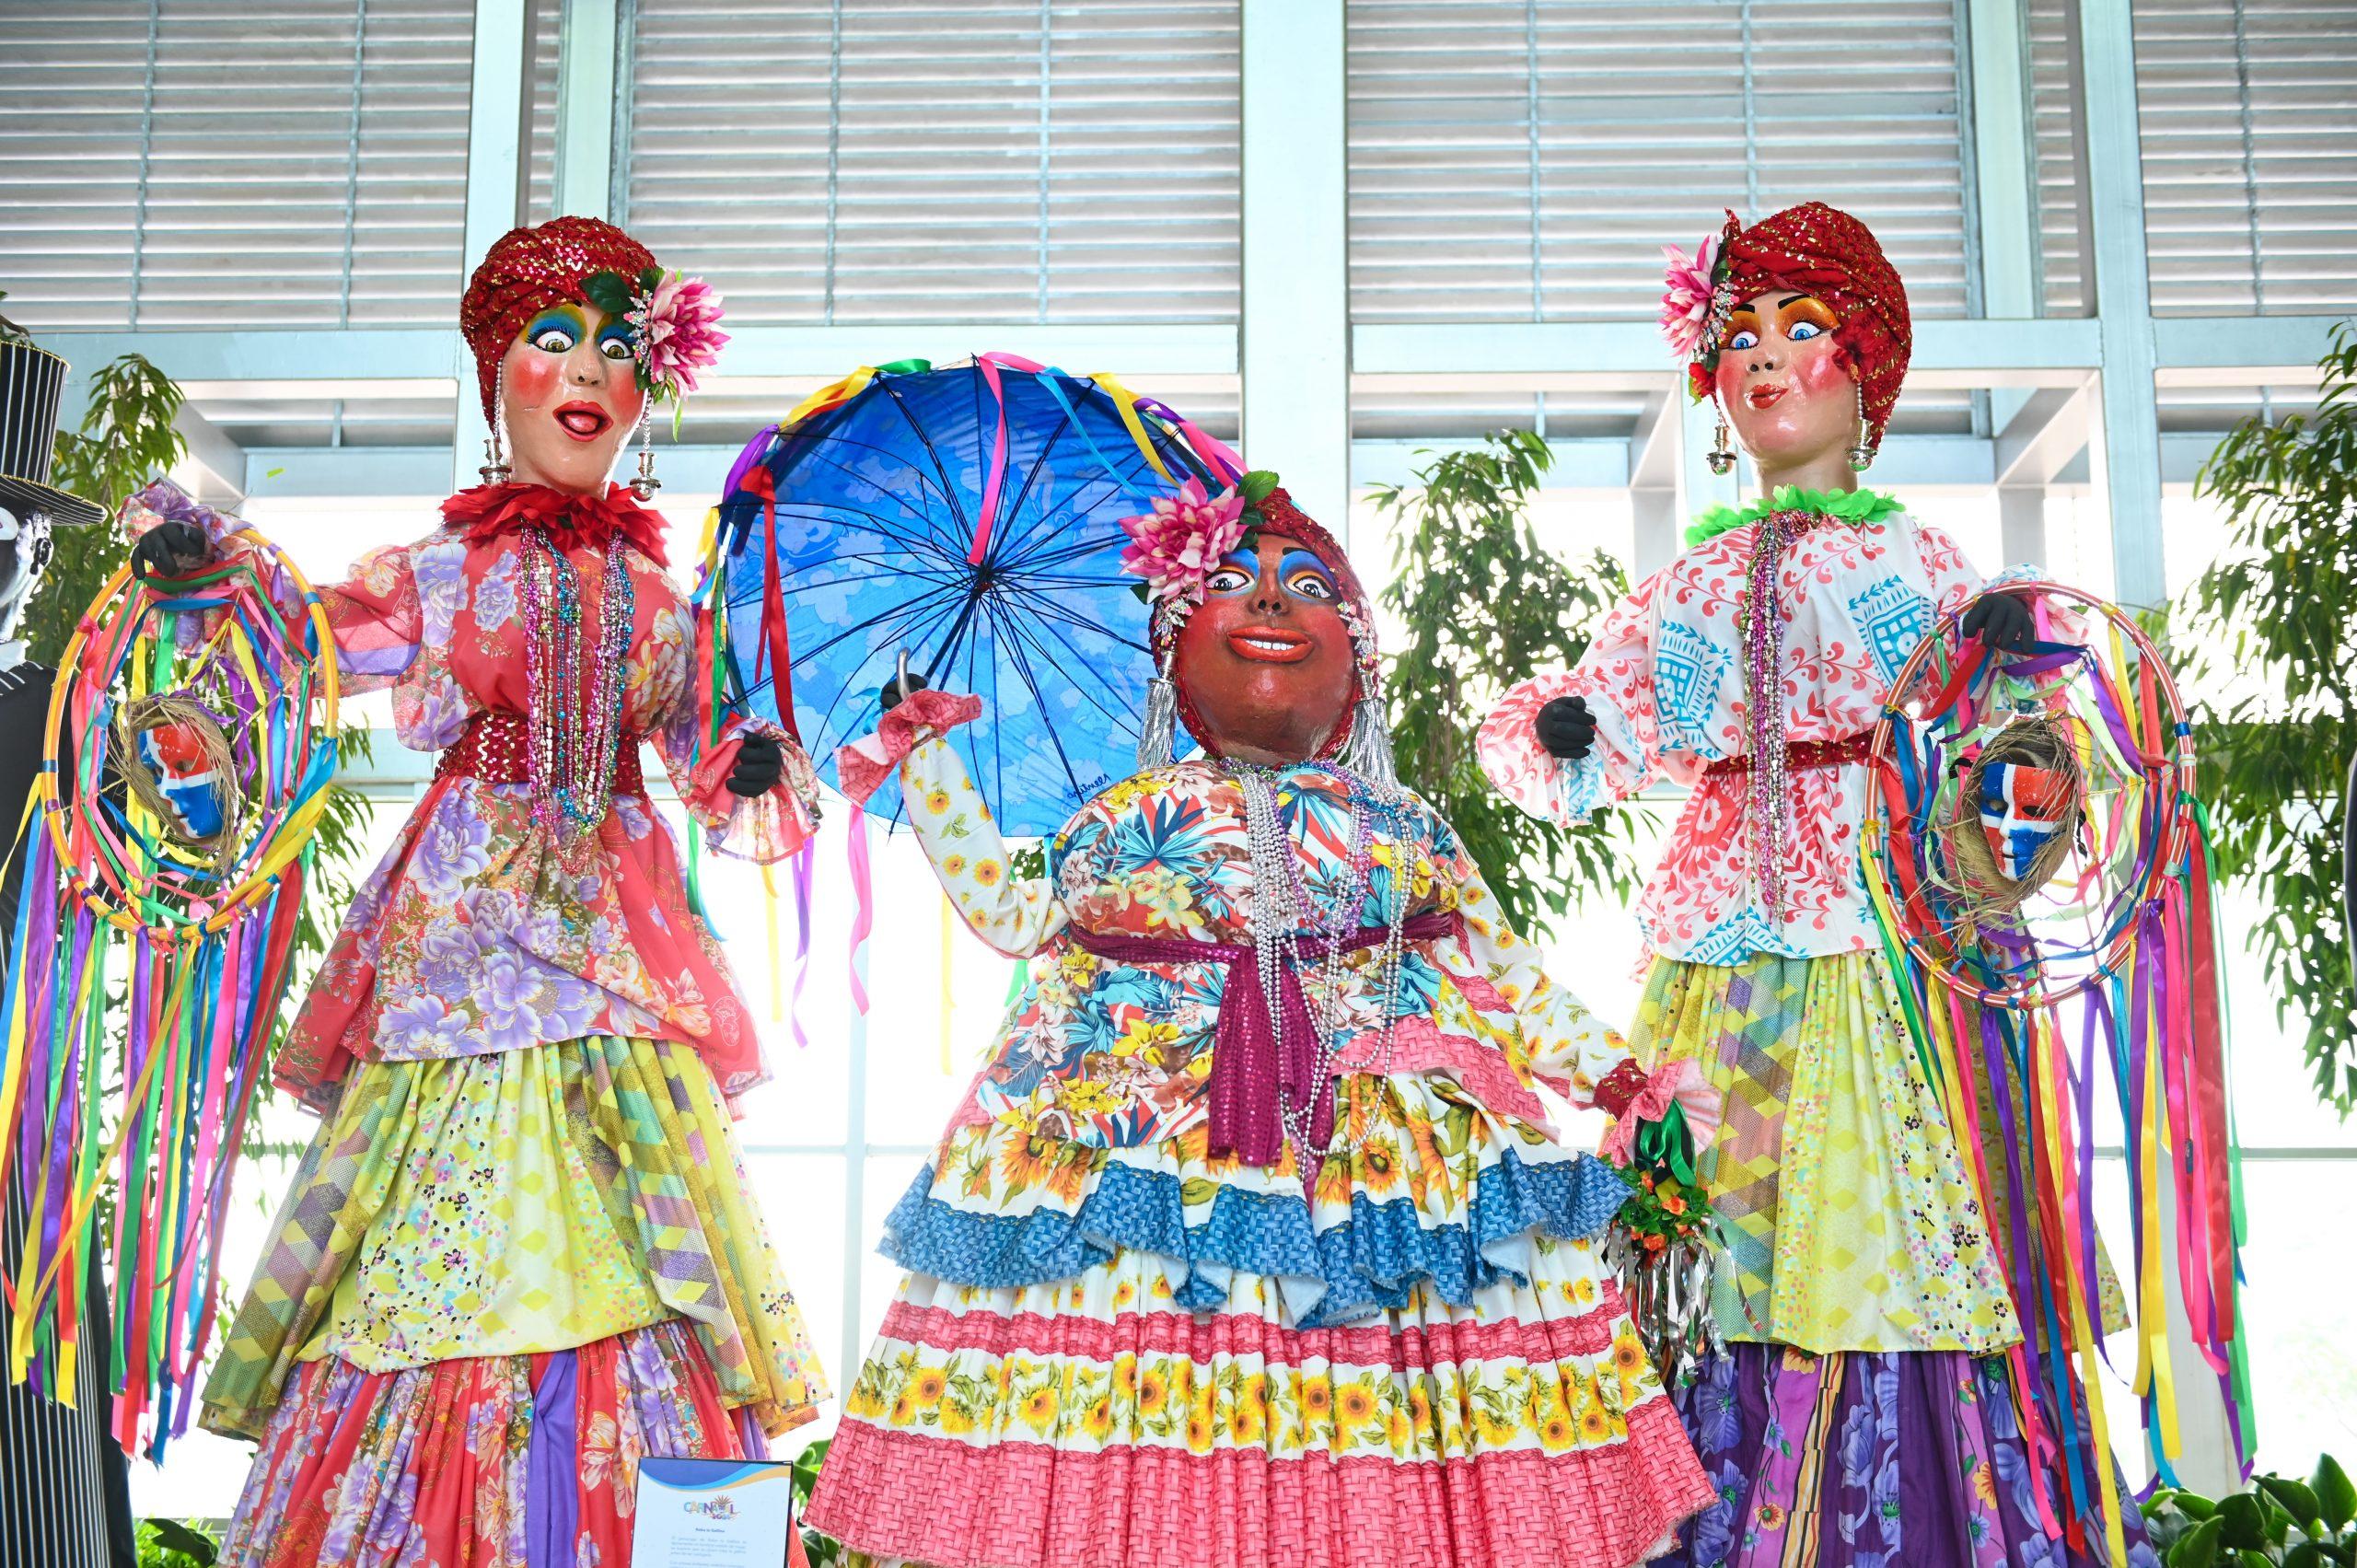 Santo Domingo.- Las tradiciones, alegría y creatividad, que acompañados de un variado colorido traen nuestras fiestas carnavalescas cada mes de febrero